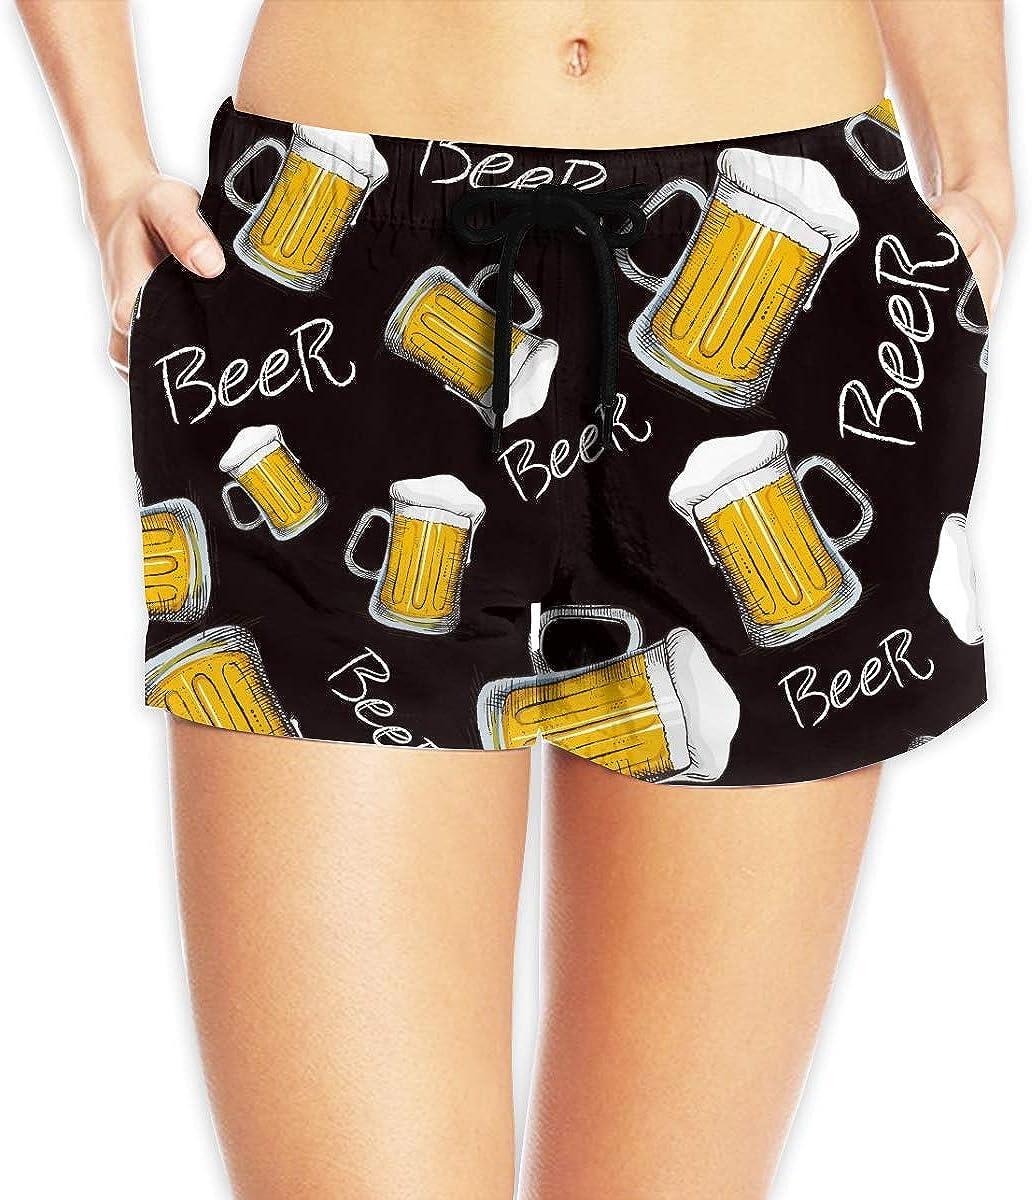 Redsheep Jarra de Cerveza Shorts de Playa para Mujer Shorts de Playa con bañador de Bolsillo